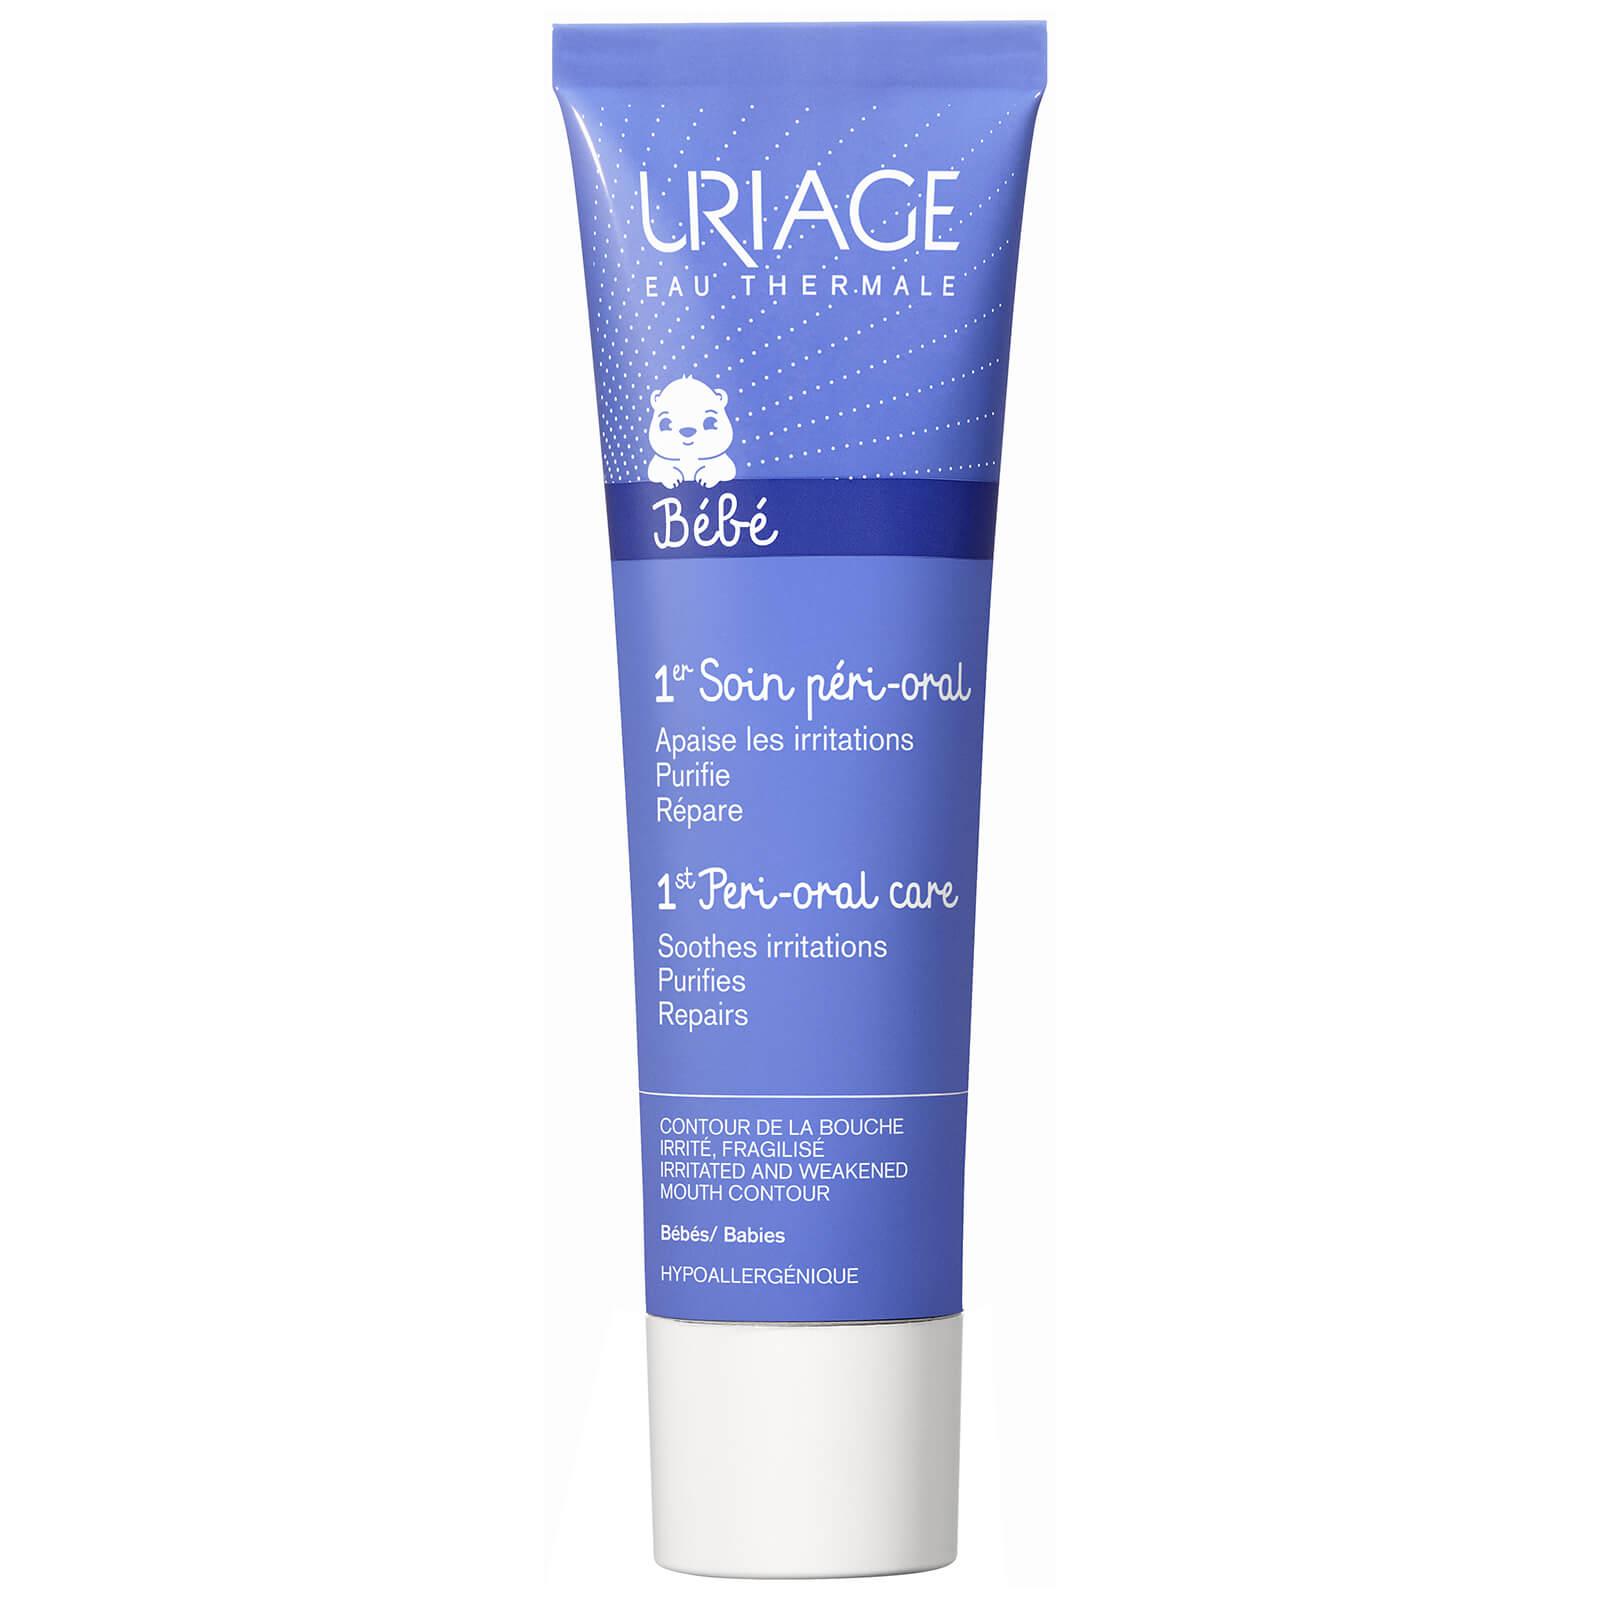 Uriage SoinPeri-Oral Crema anti-irritazione(30 ml)